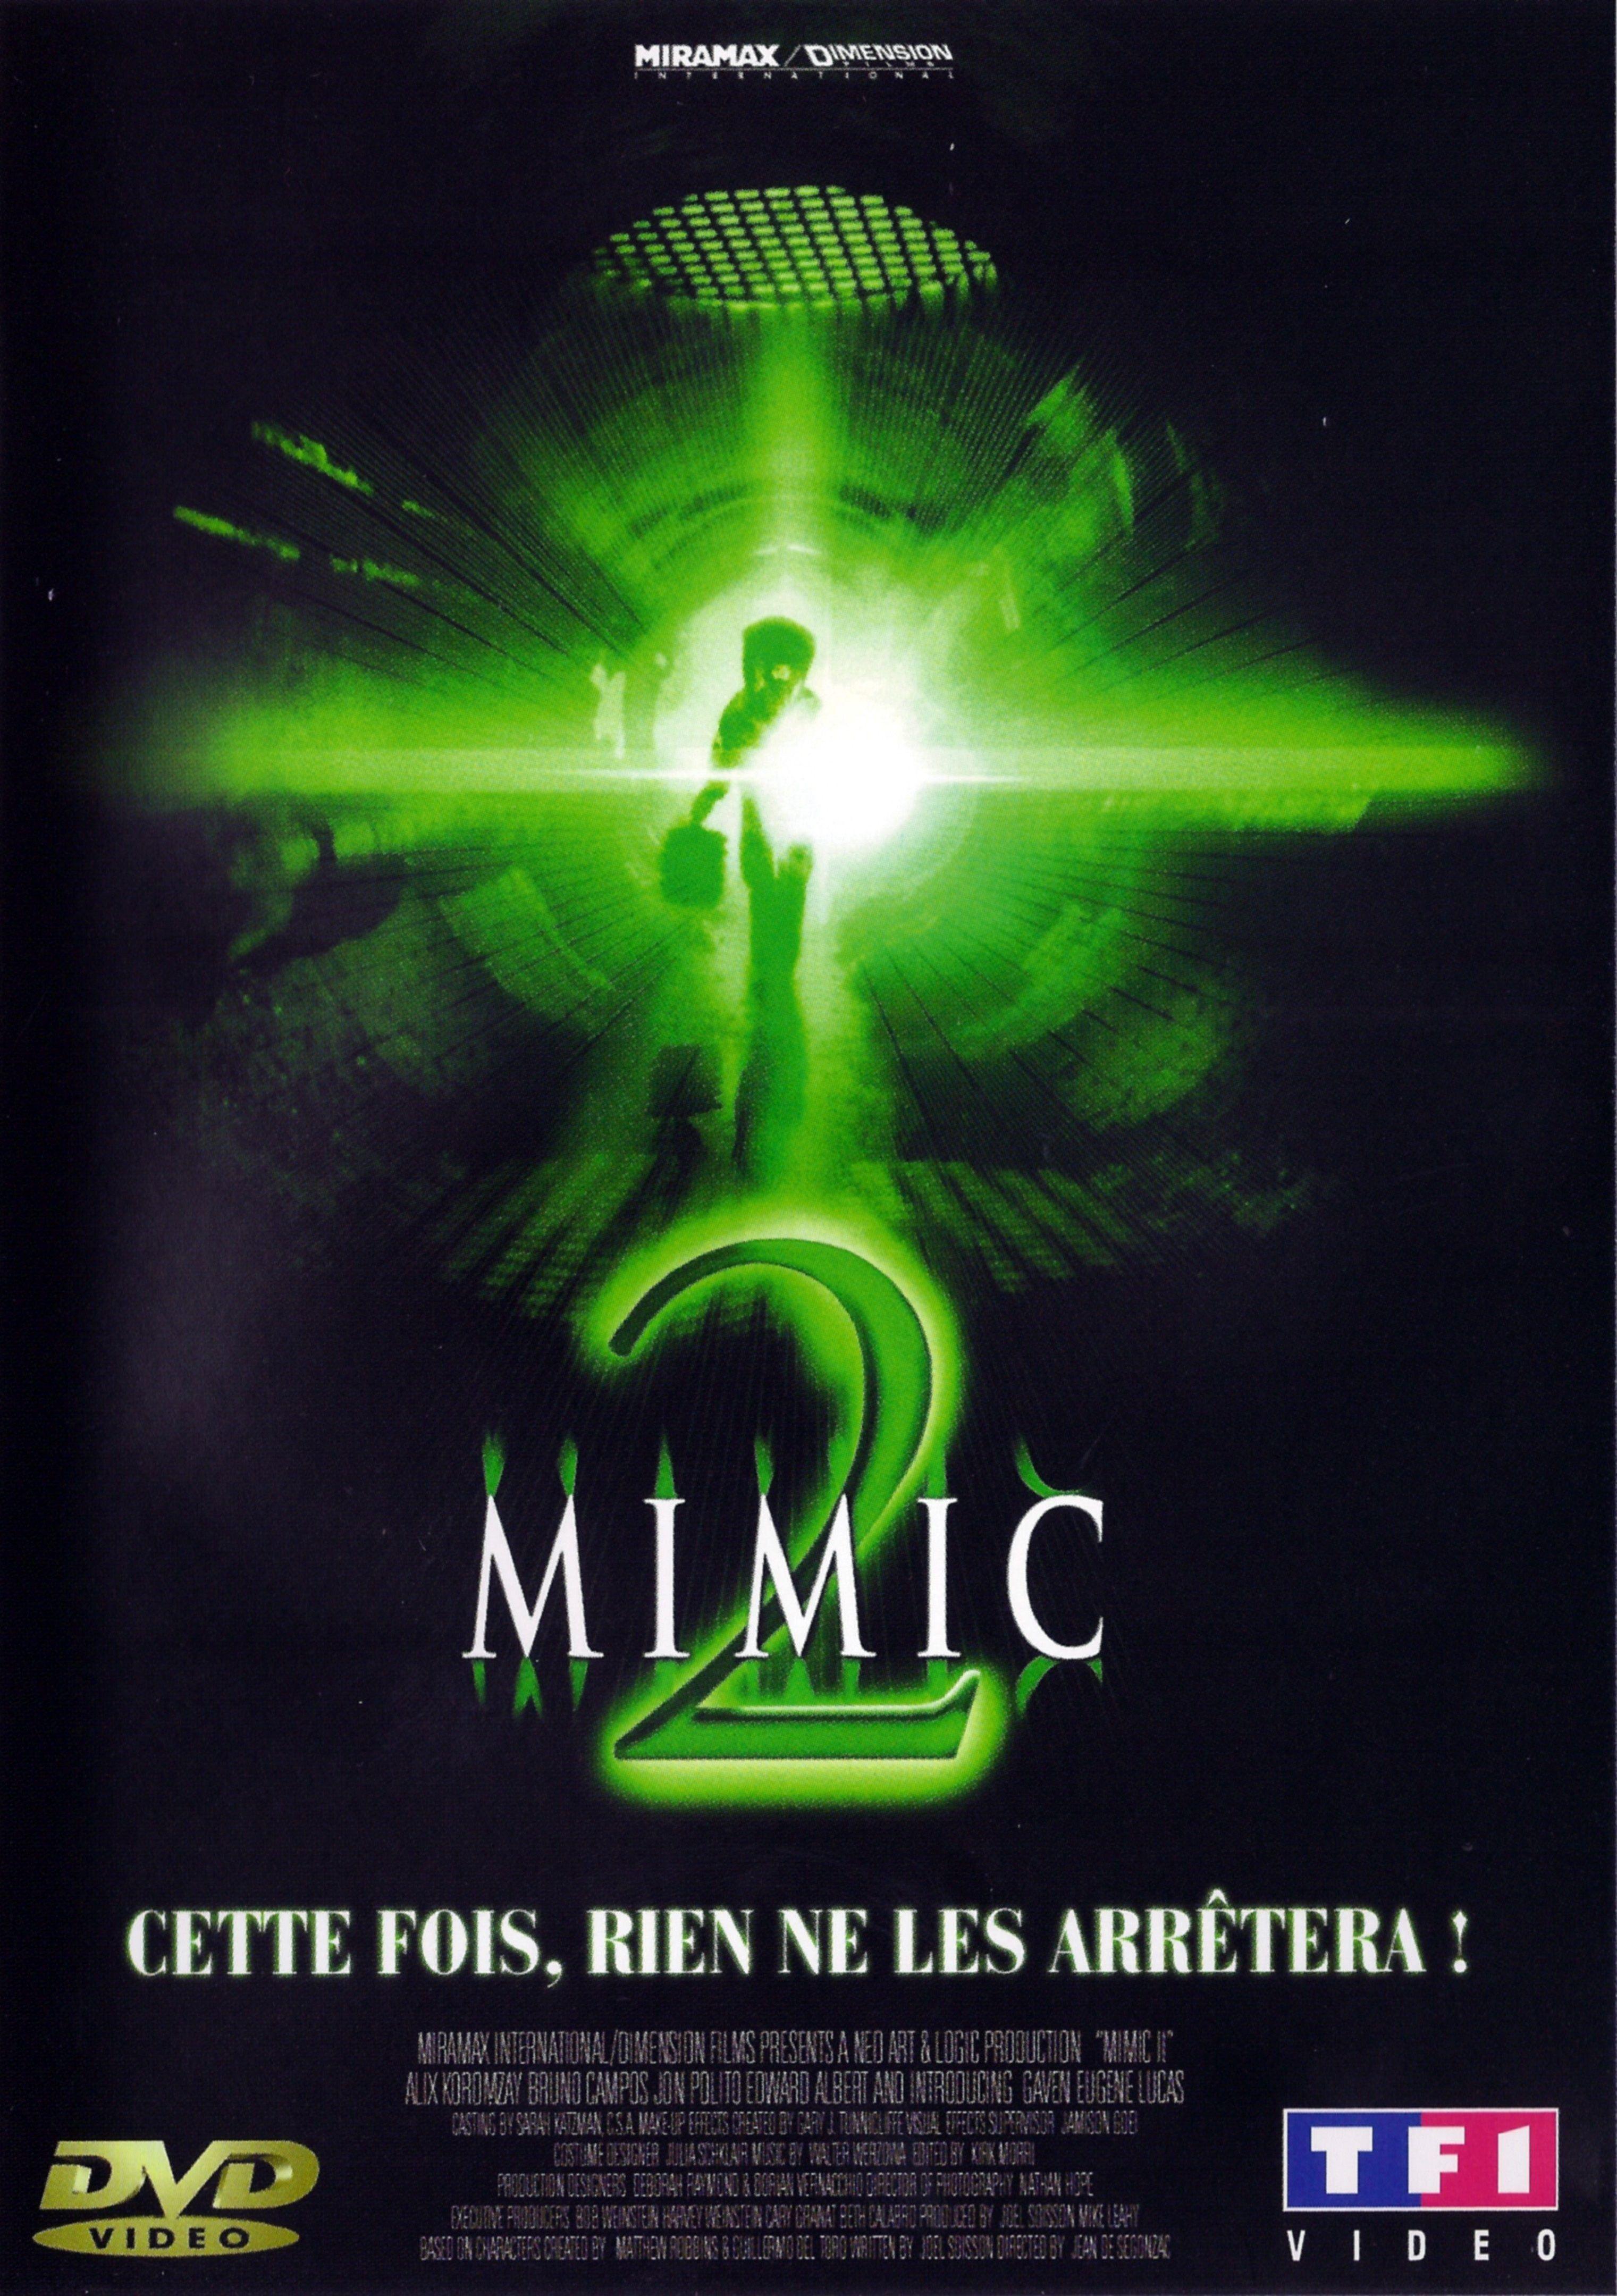 affiche du film Mimic 2